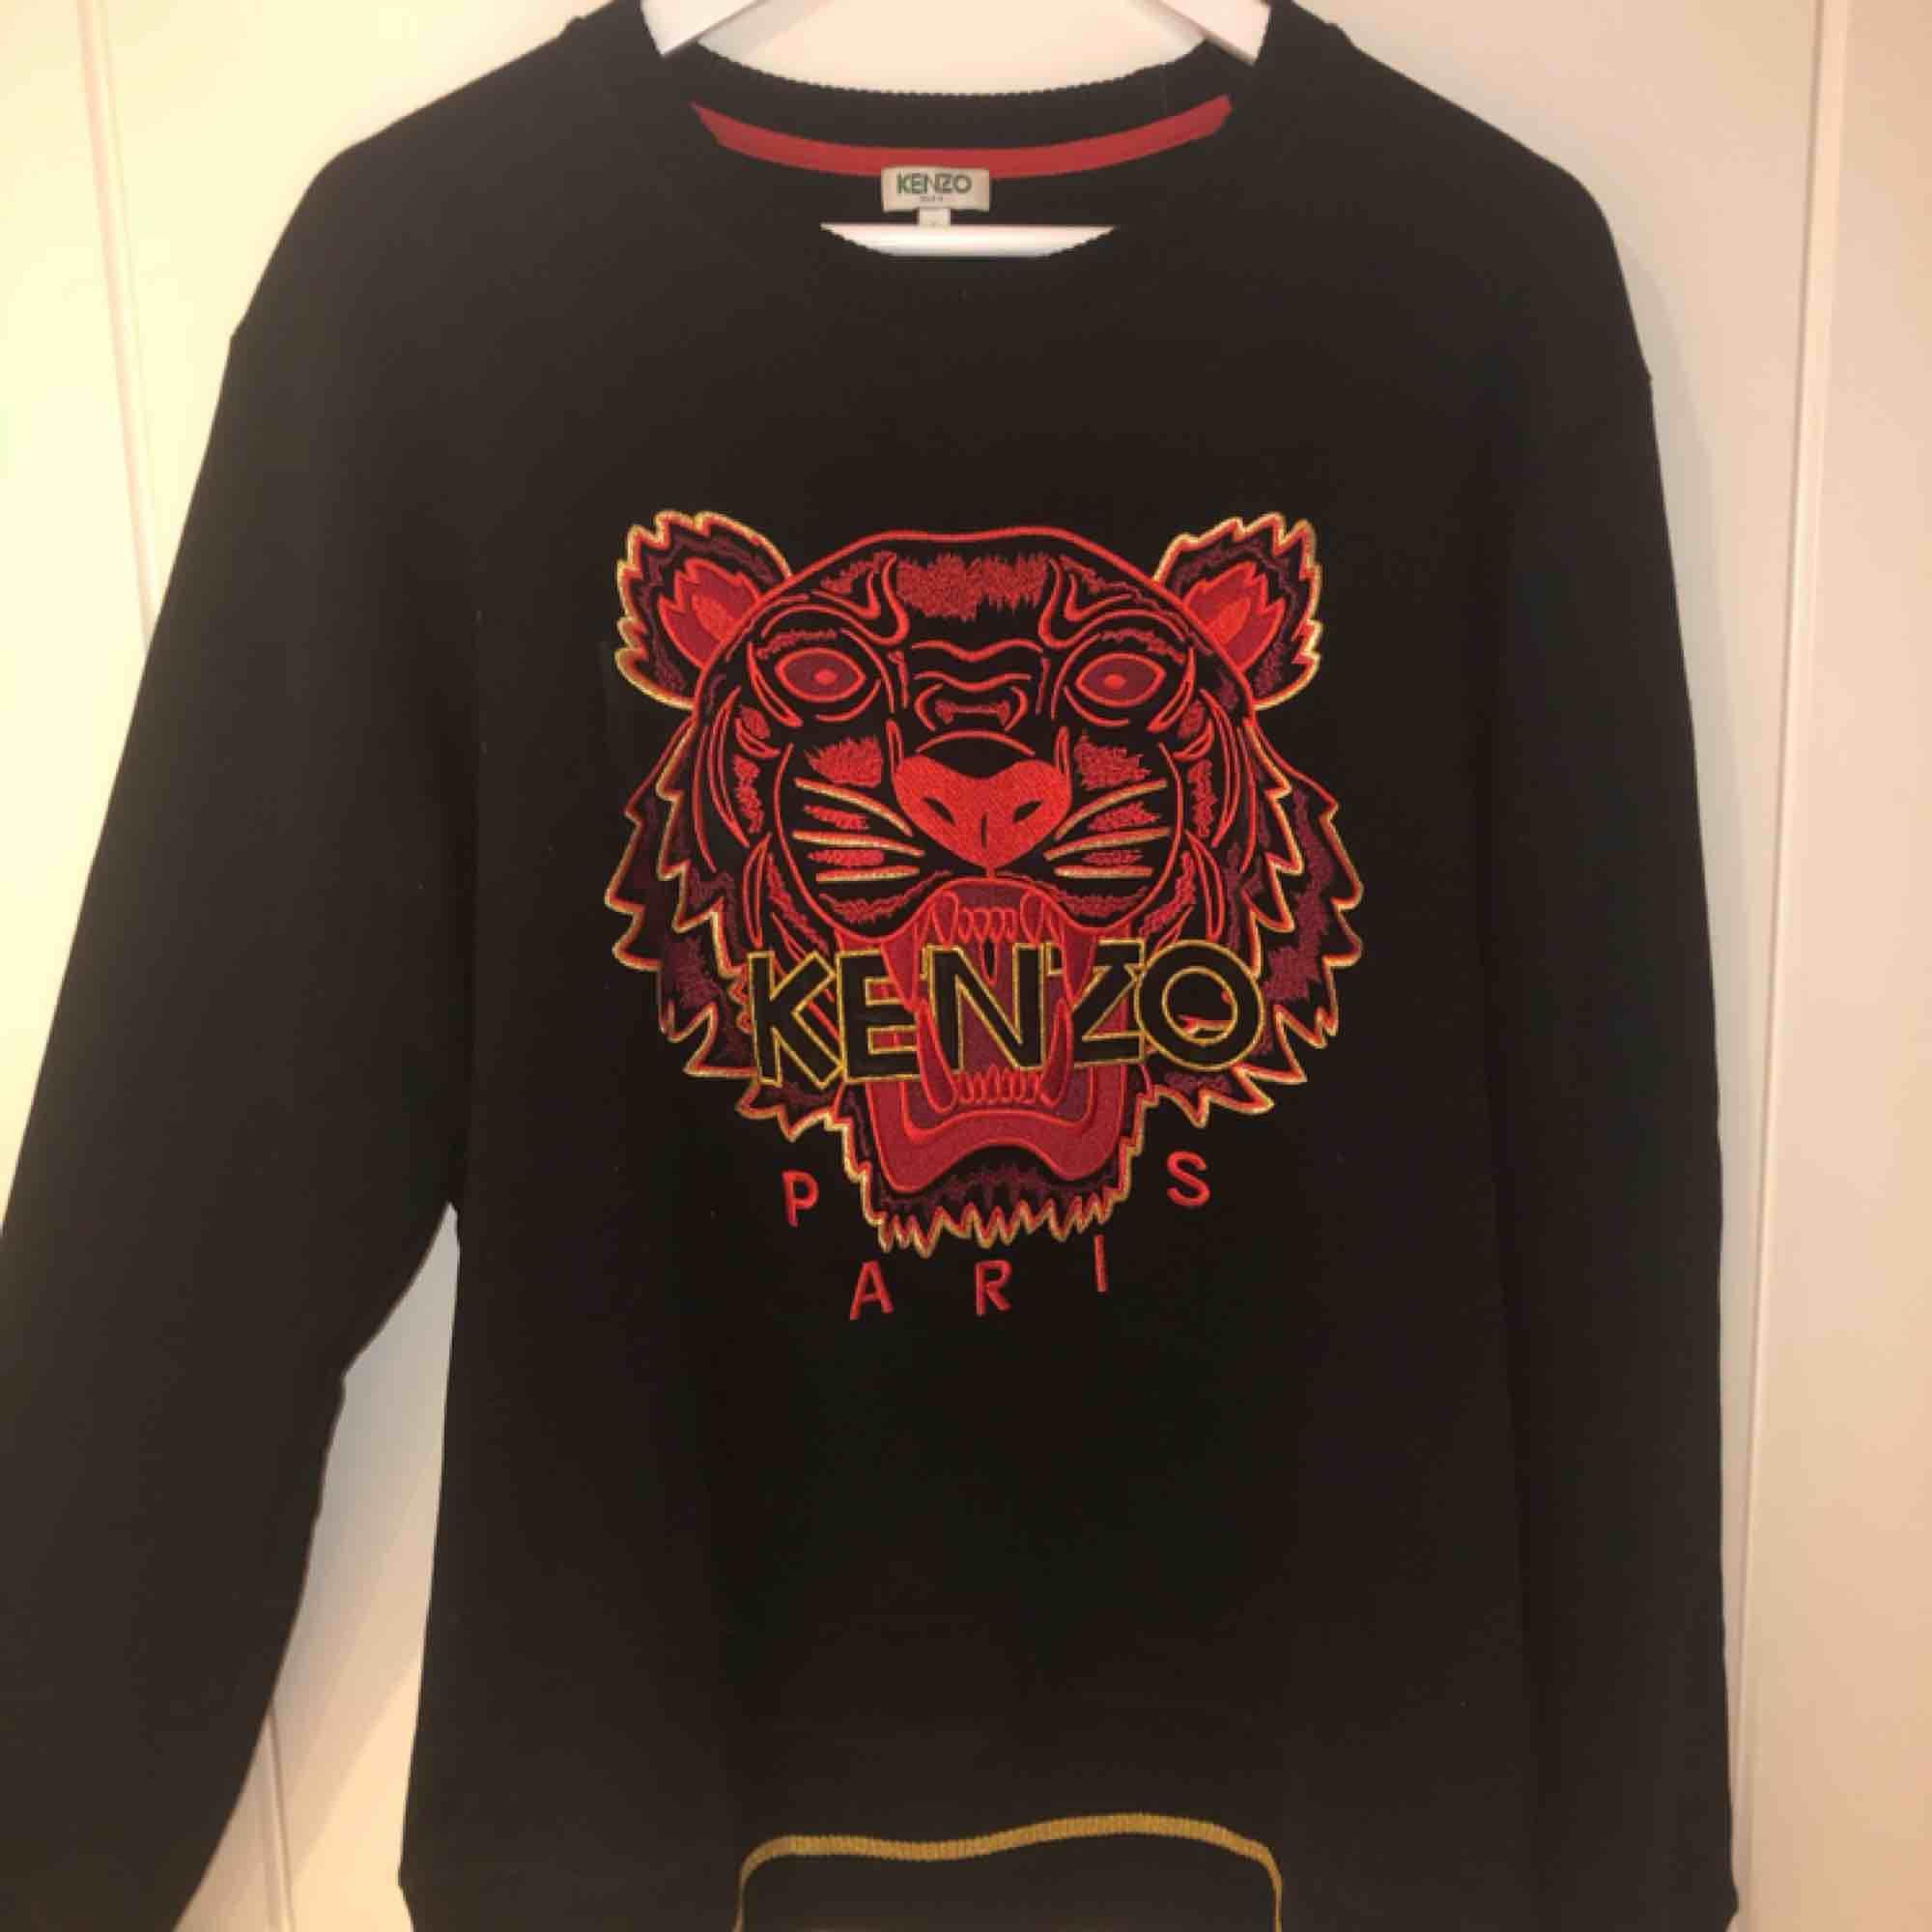 Äkta Kenzo tröja köpt på nätet från herr avdelningen. Använt ett fåtal gånger, är i ett fint begagnat skick. Priser kan diskuteras. . Huvtröjor & Träningströjor.